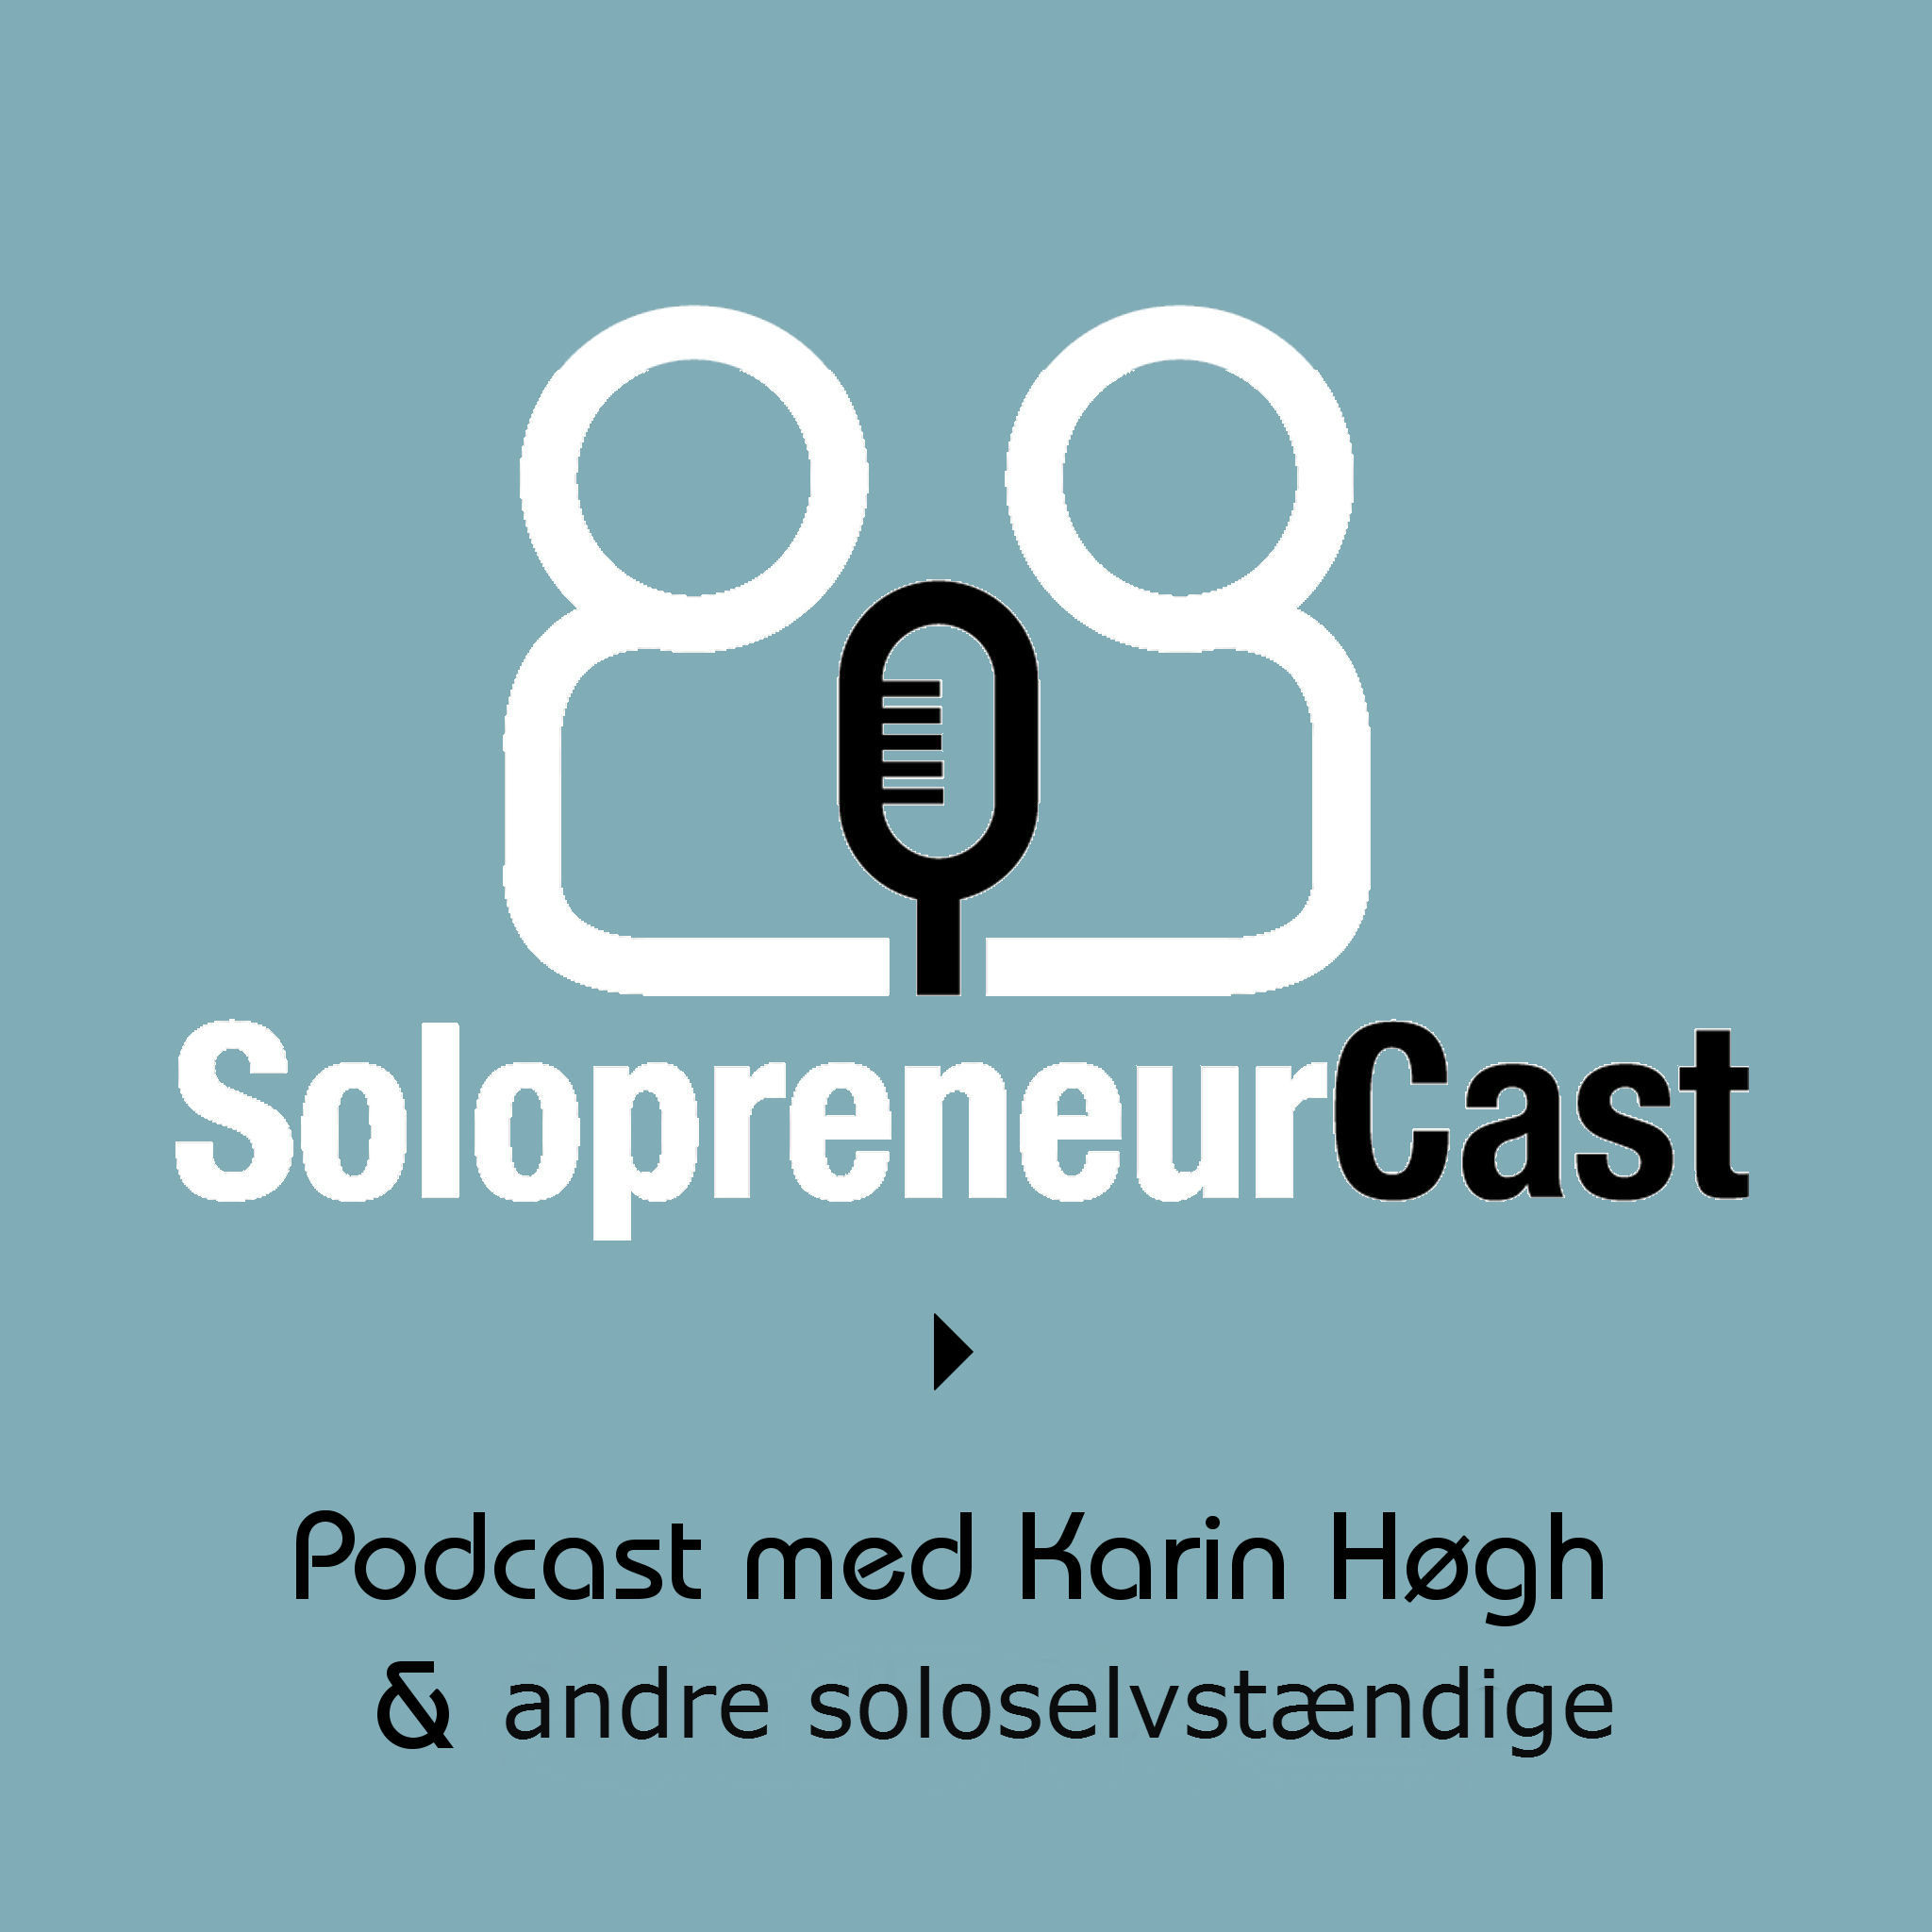 SolopreneurCast - for og med soloselvstændige show art